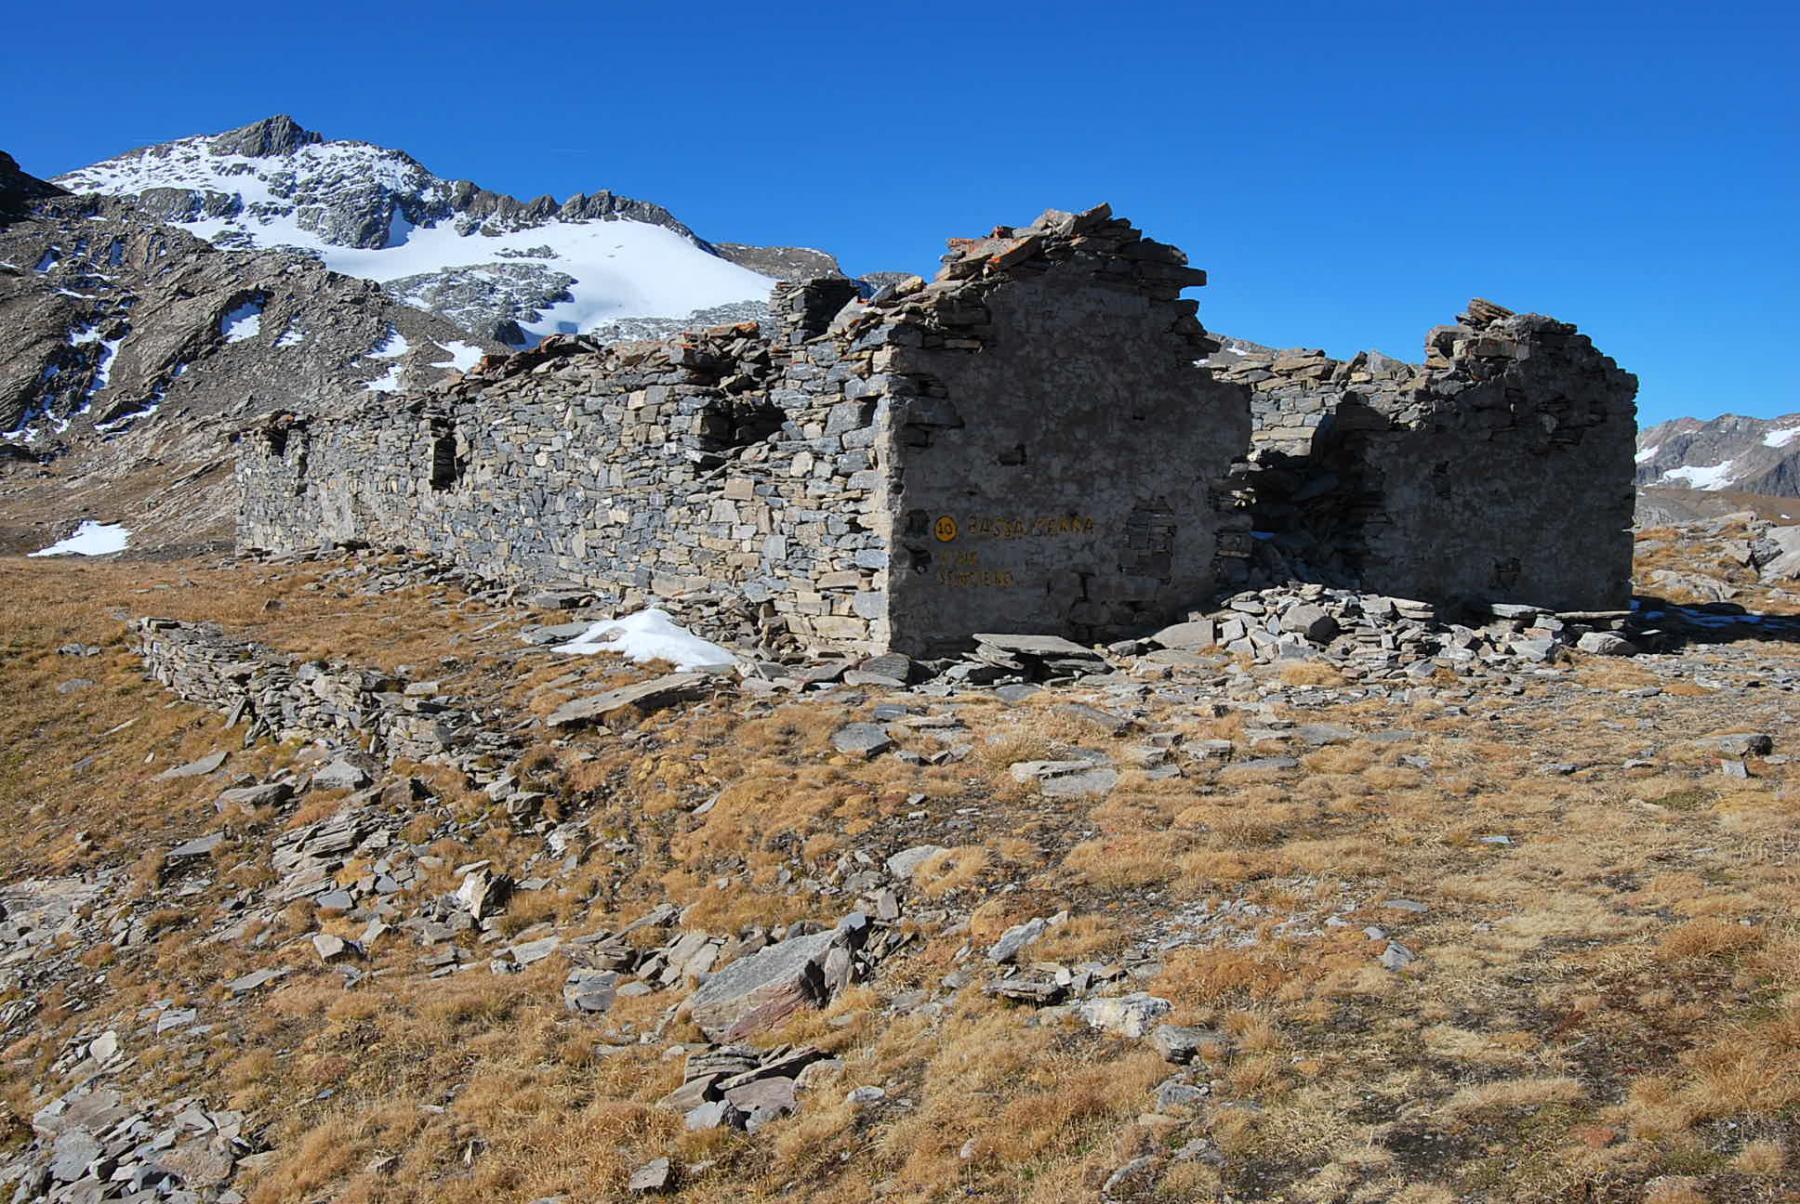 L'arrivo al Colle di Bassa Serra, con le fortificazioni. Qui termina il sentiero.